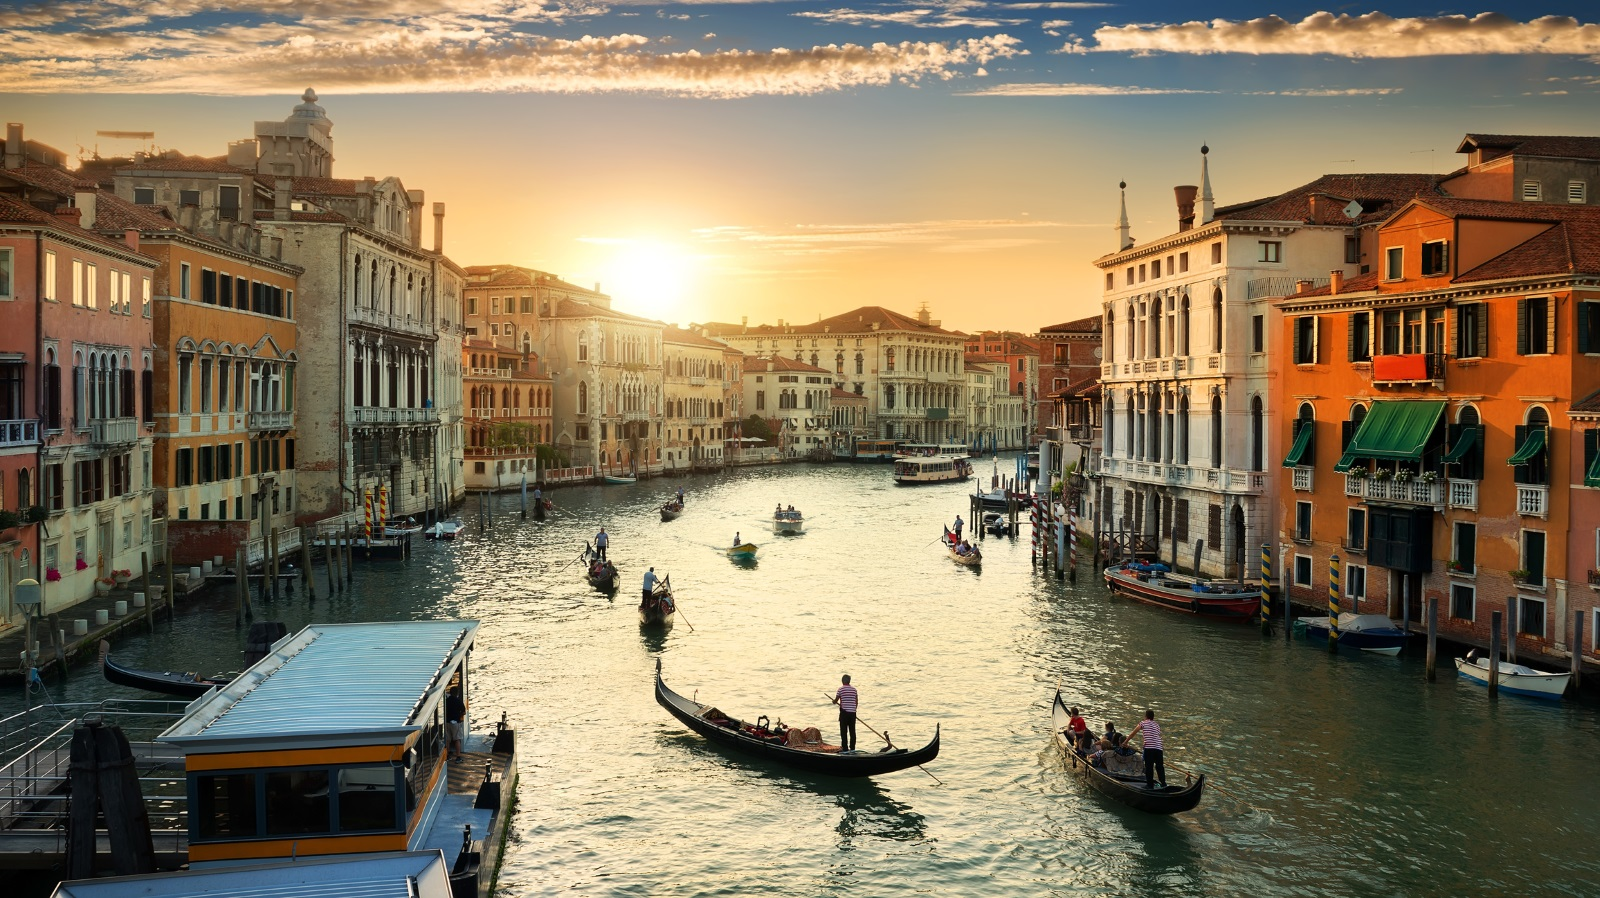 Венеция - градът на любовта, романтиката, мечтите, красивите залези и разходките с лодка.